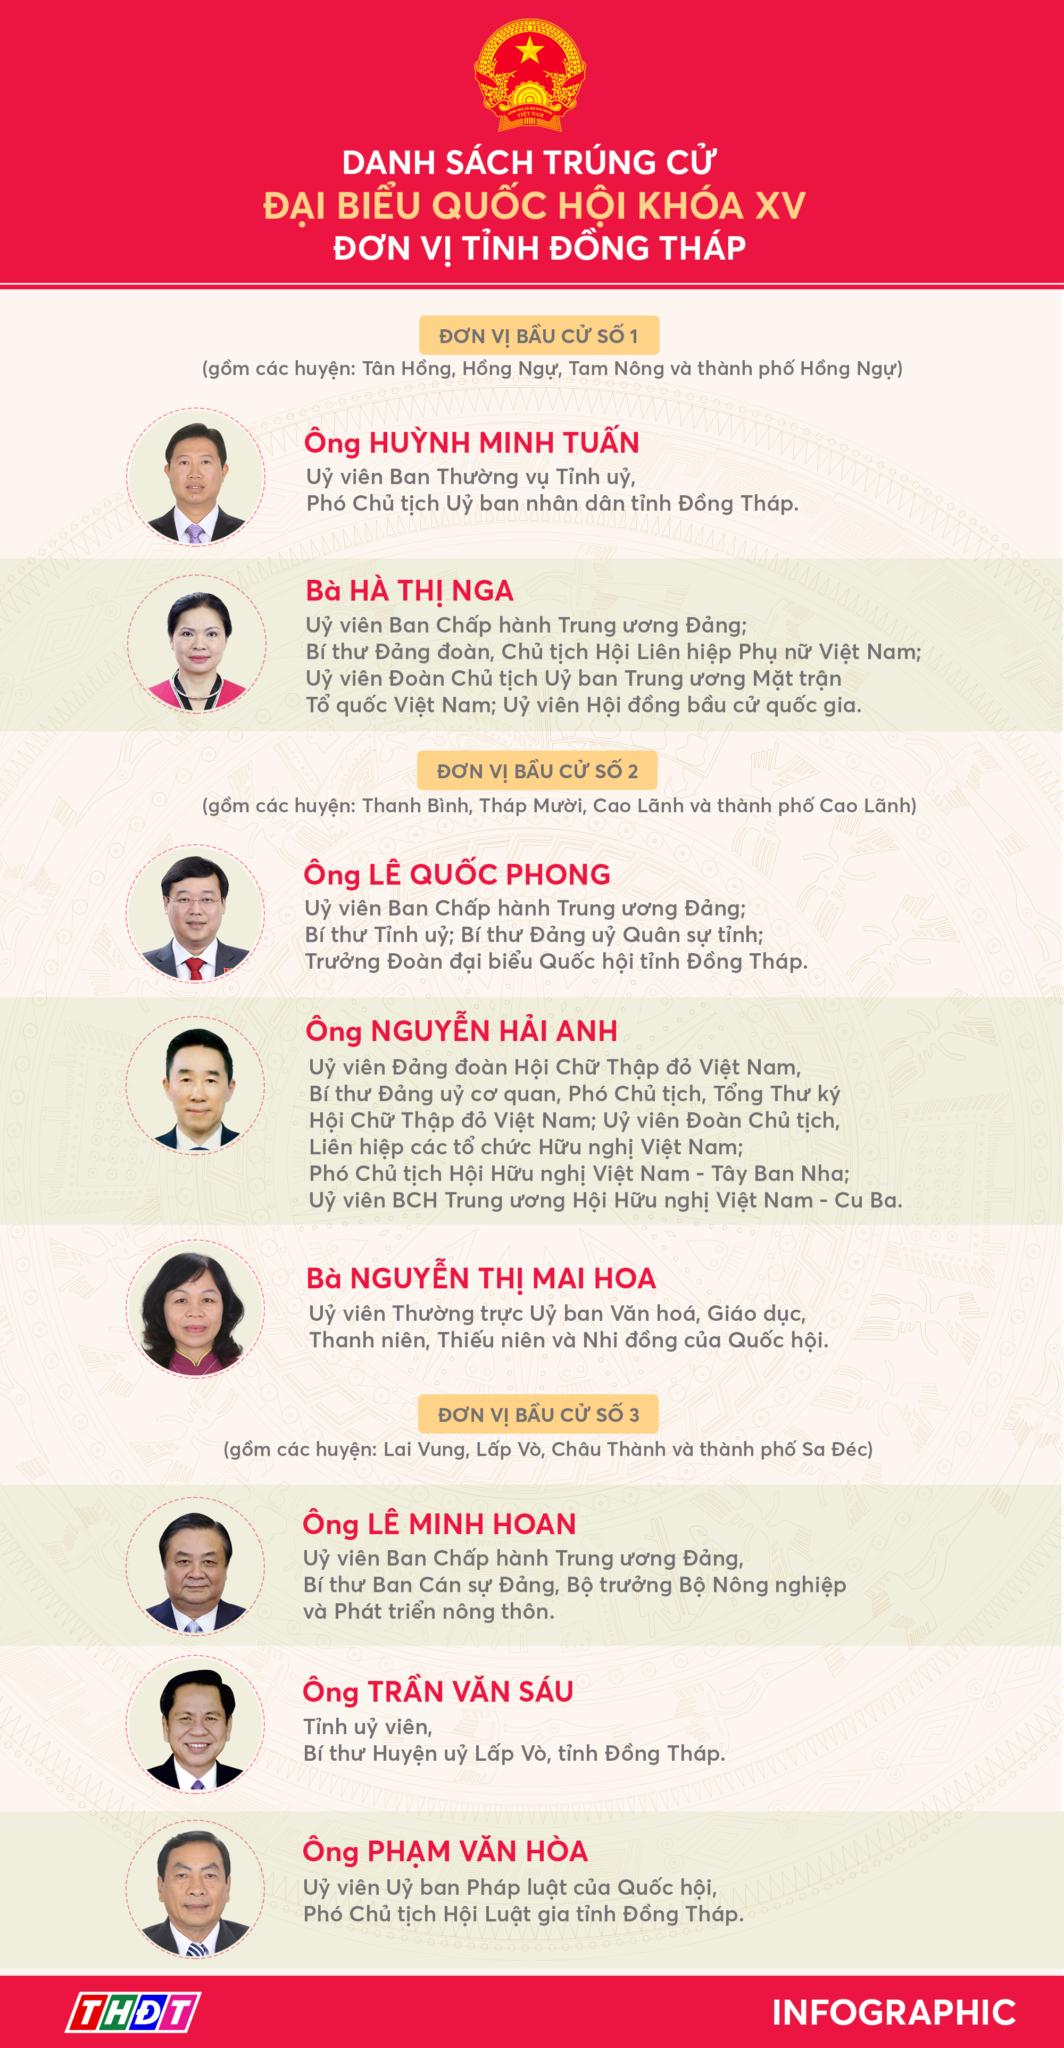 [Infographic 8 đại biểu trúng cử Đại biểu Quốc hội khoá XV, đơn vị tỉnh Đồng Tháp]